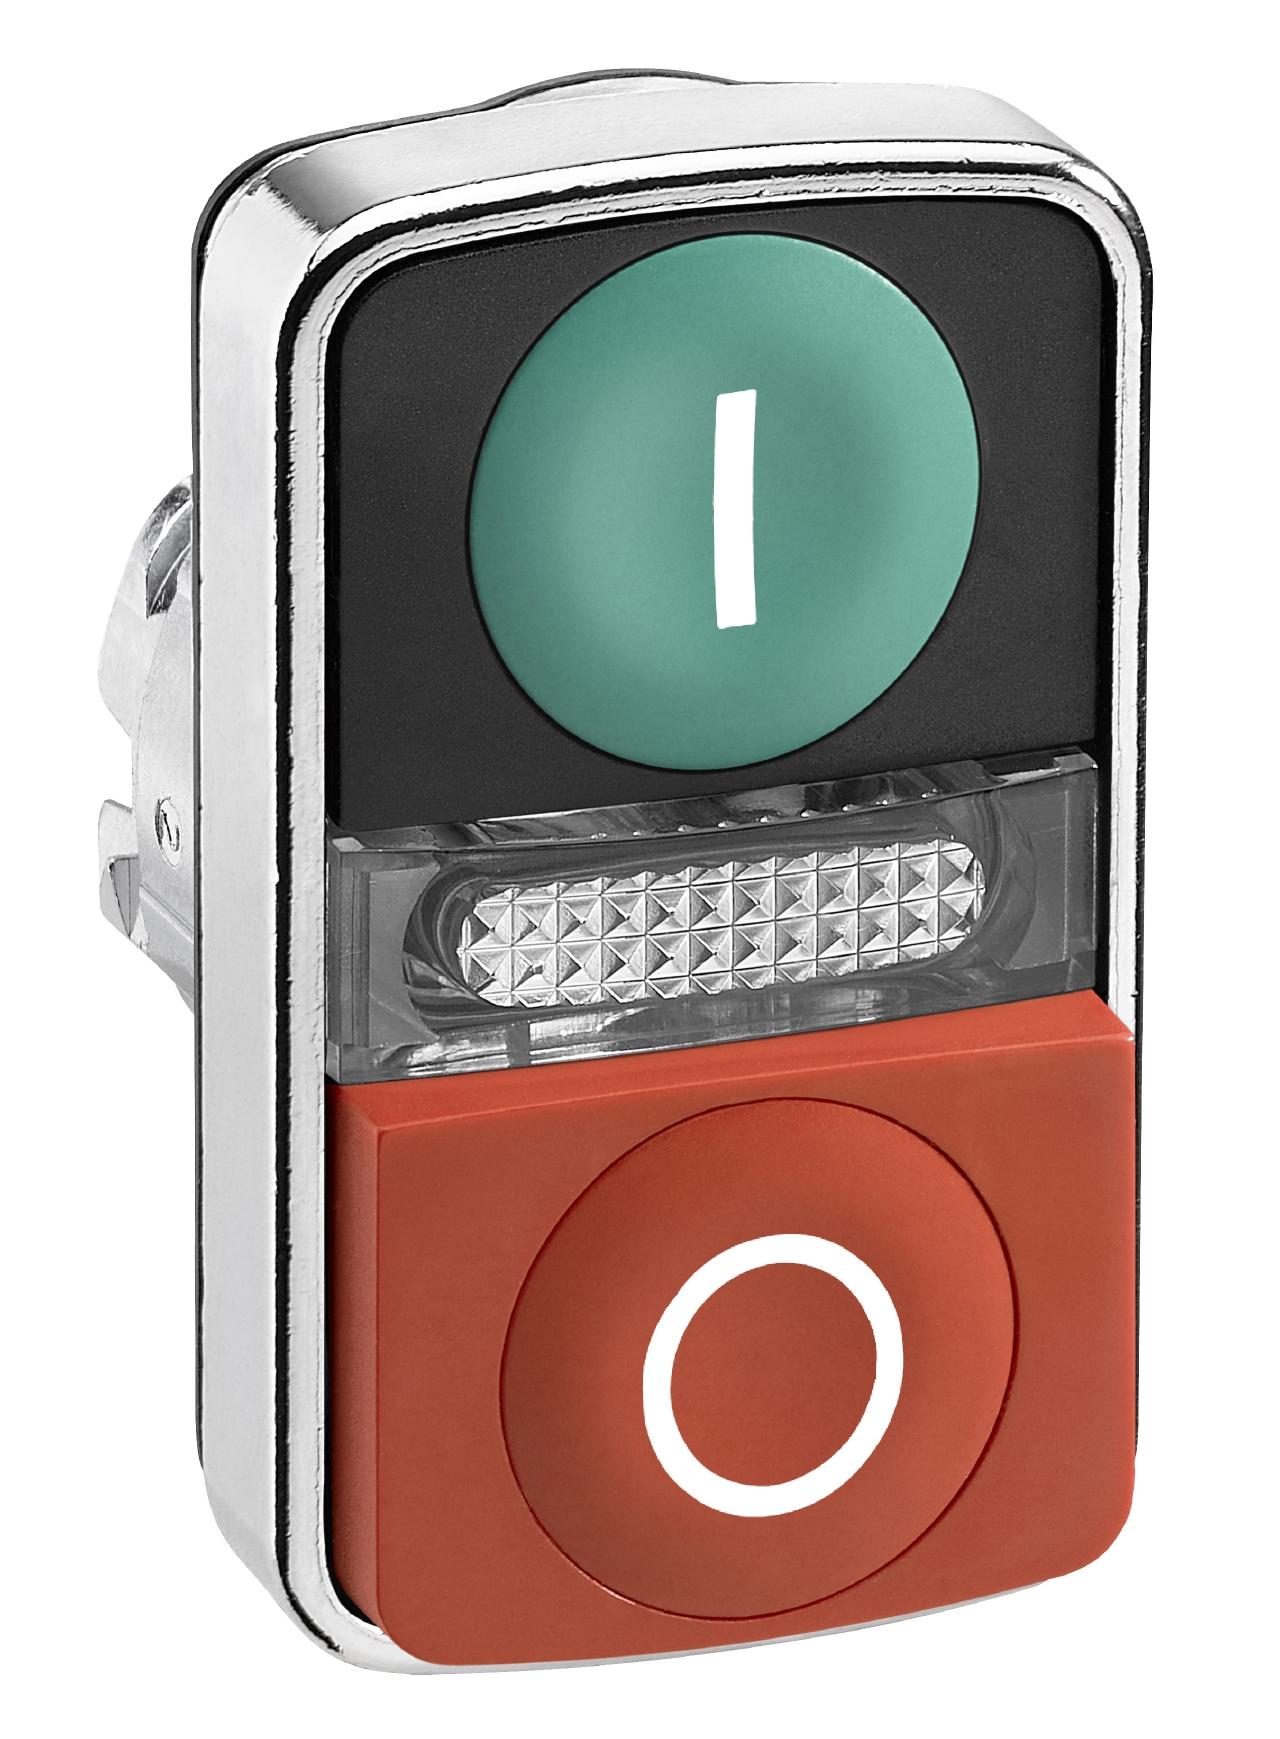 t te bouton poussoir double lumineux schneider zb4bw7l3. Black Bedroom Furniture Sets. Home Design Ideas